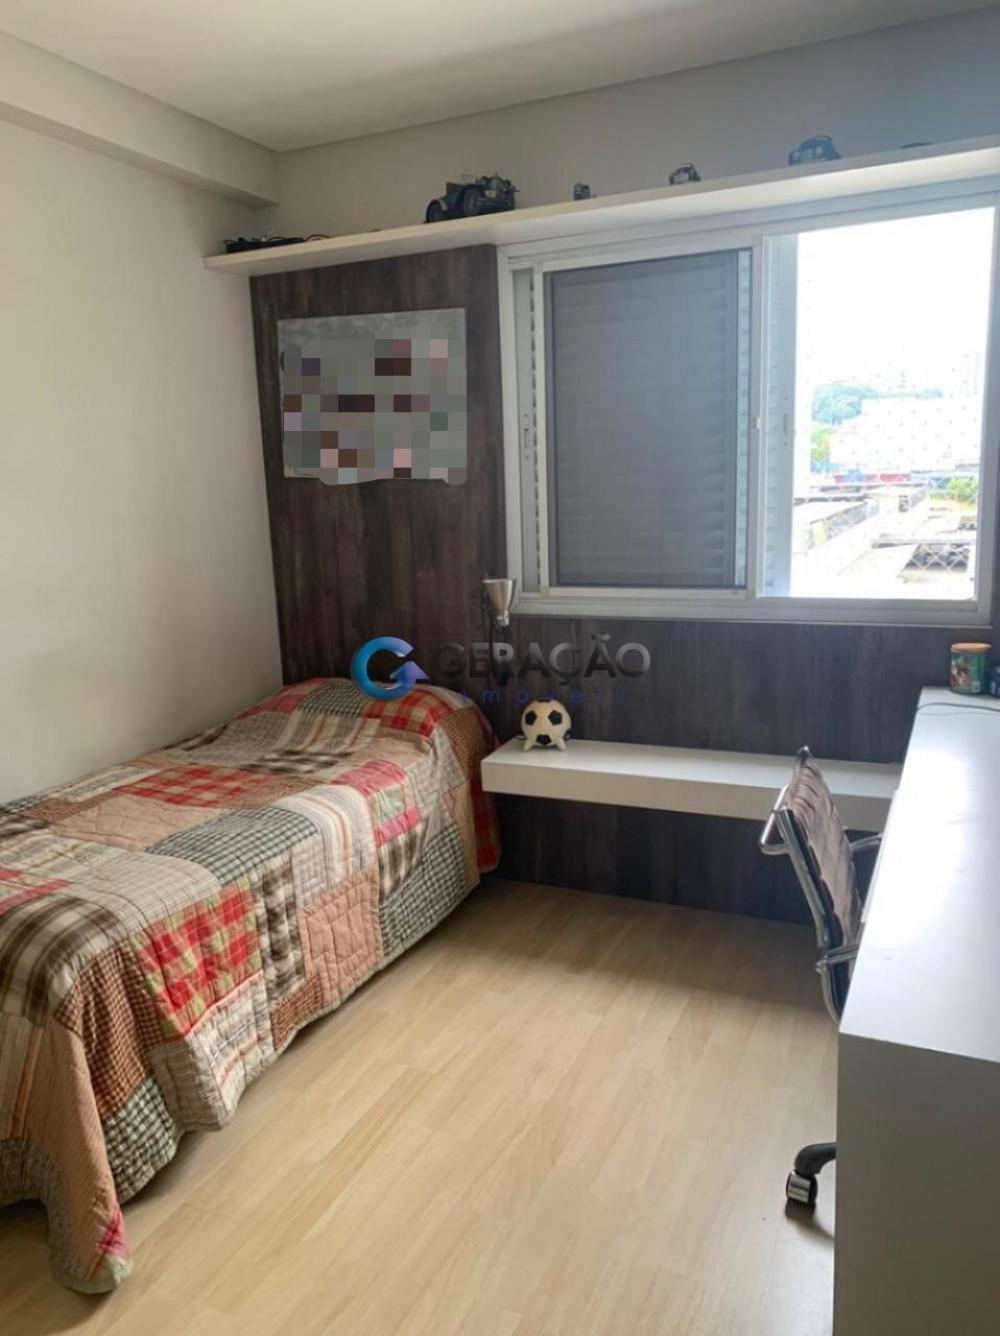 Comprar Apartamento / Padrão em São José dos Campos R$ 585.000,00 - Foto 11